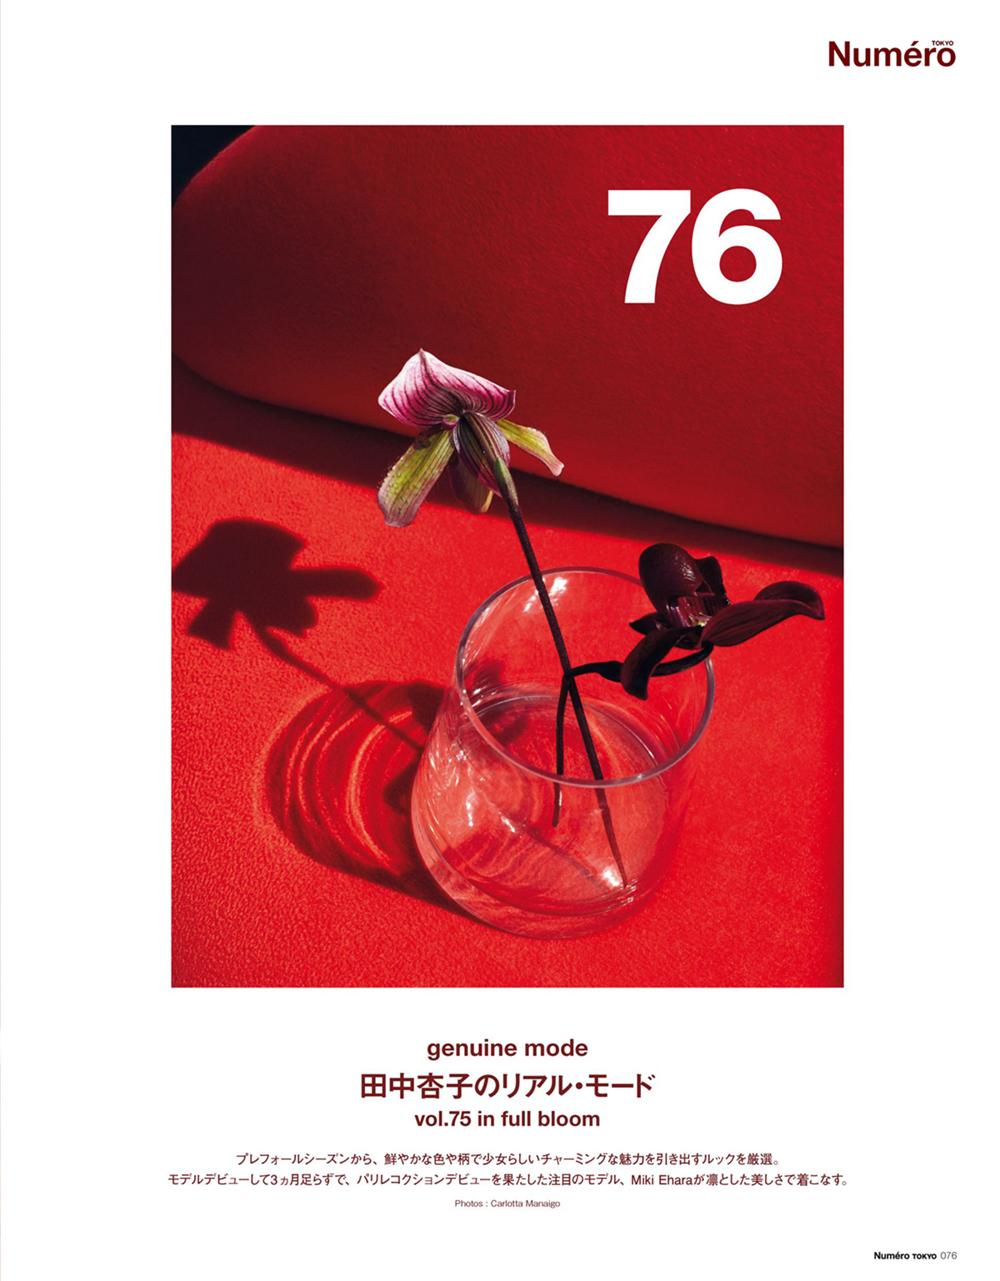 Numéro Japan, June 2017 | Carlotta Manaigo | Cesar | Numéro | Enrica Ponzellini | Numerique Retouch Photo Retouching Studio